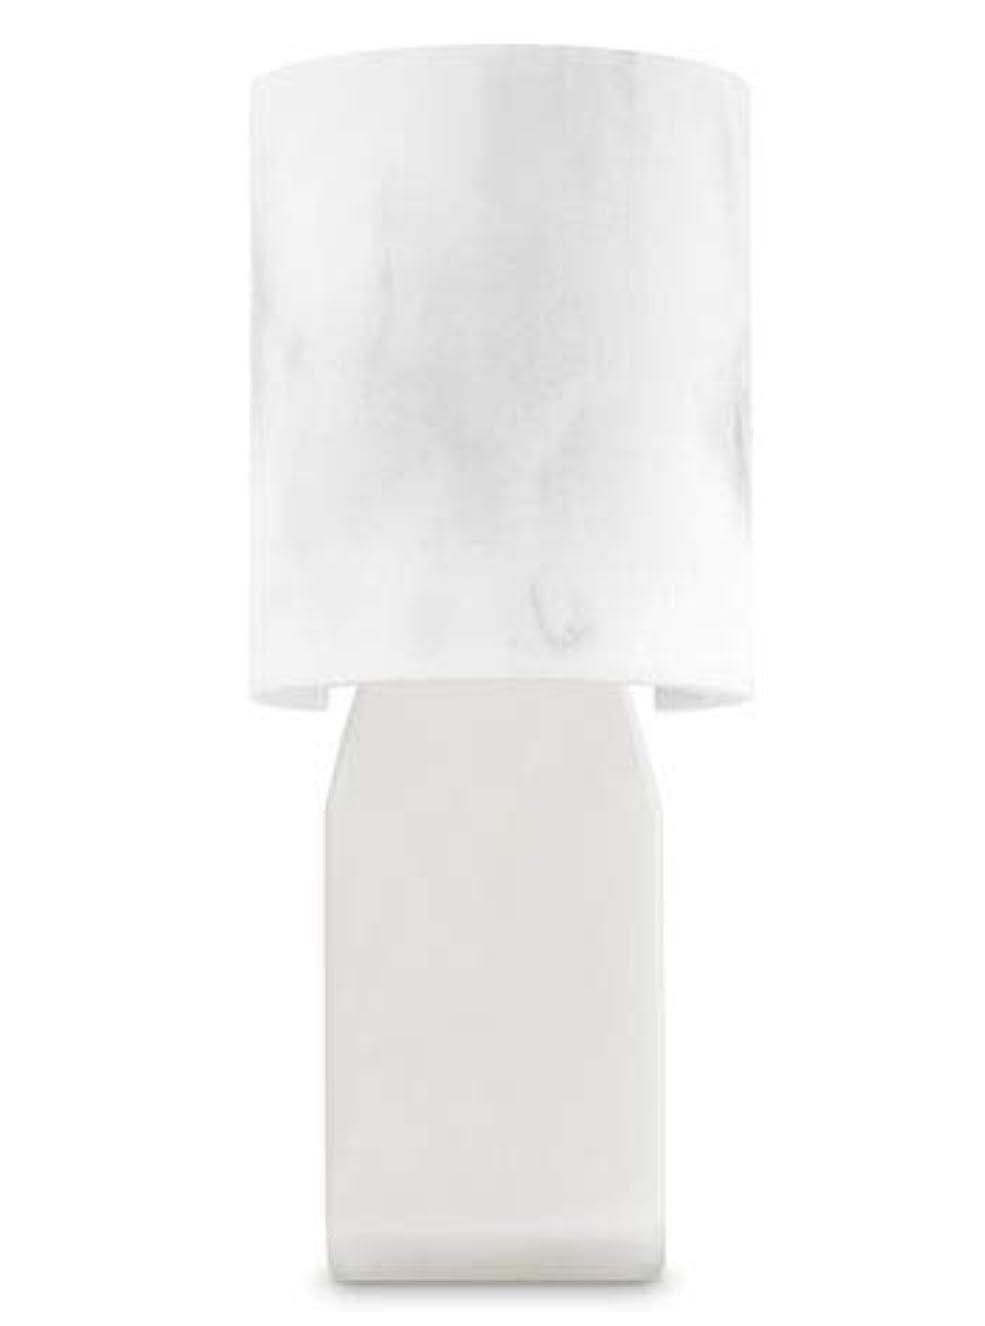 フェードアウト配送公平な【Bath&Body Works/バス&ボディワークス】 ルームフレグランス プラグインスターター (本体のみ) 大理石風 Wallflowers Fragrance Plug Faux Marble [並行輸入品]